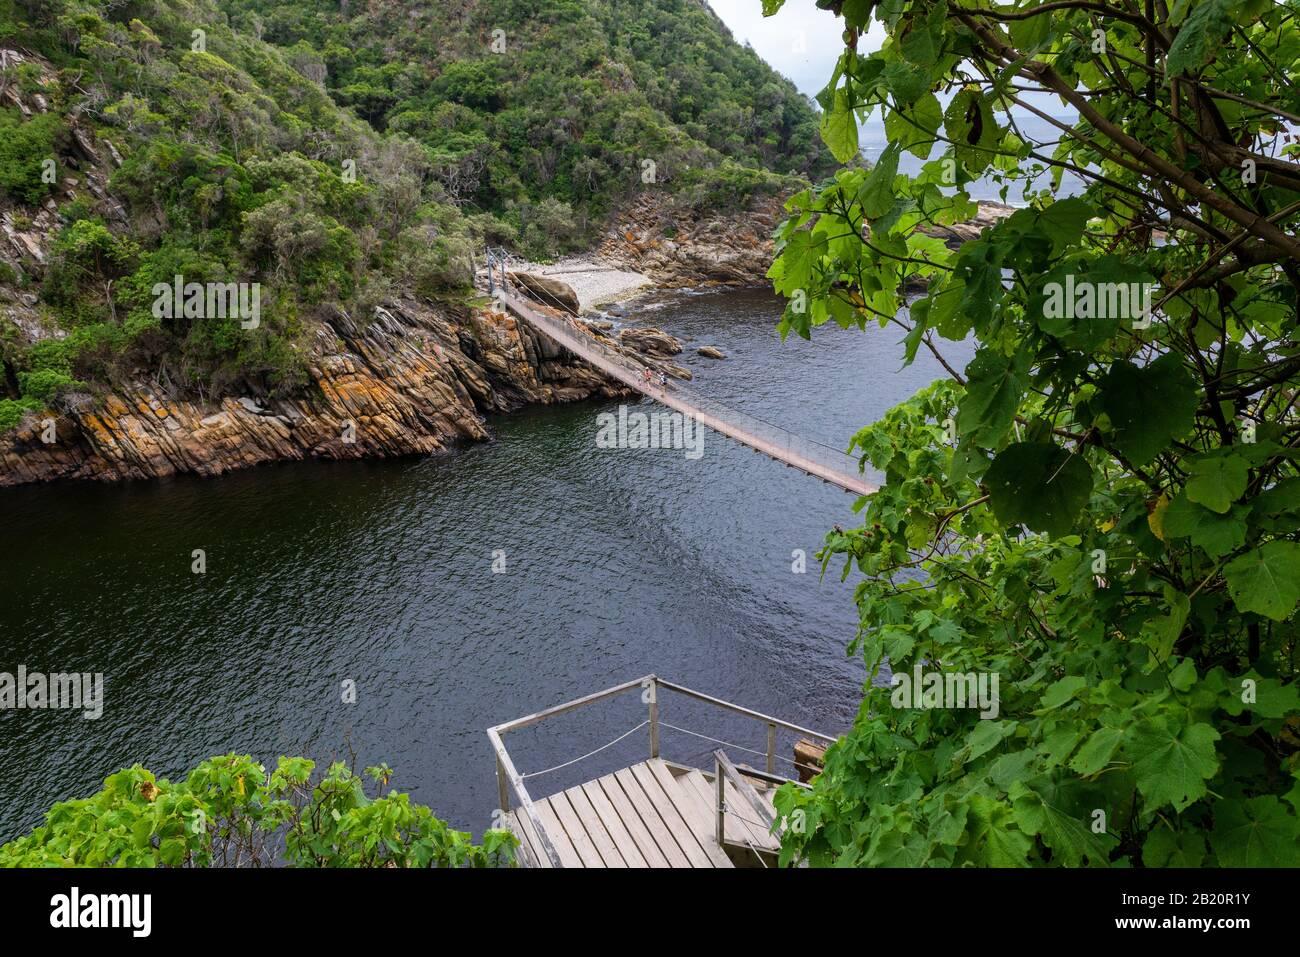 Vista de aspecto alto desde el punto de conexión del puente colgante en La Boca del río Storms, el Parque Nacional Tsitsikamma, Garden Route, cerca de Port Elizabeth, Sudáfrica Foto de stock